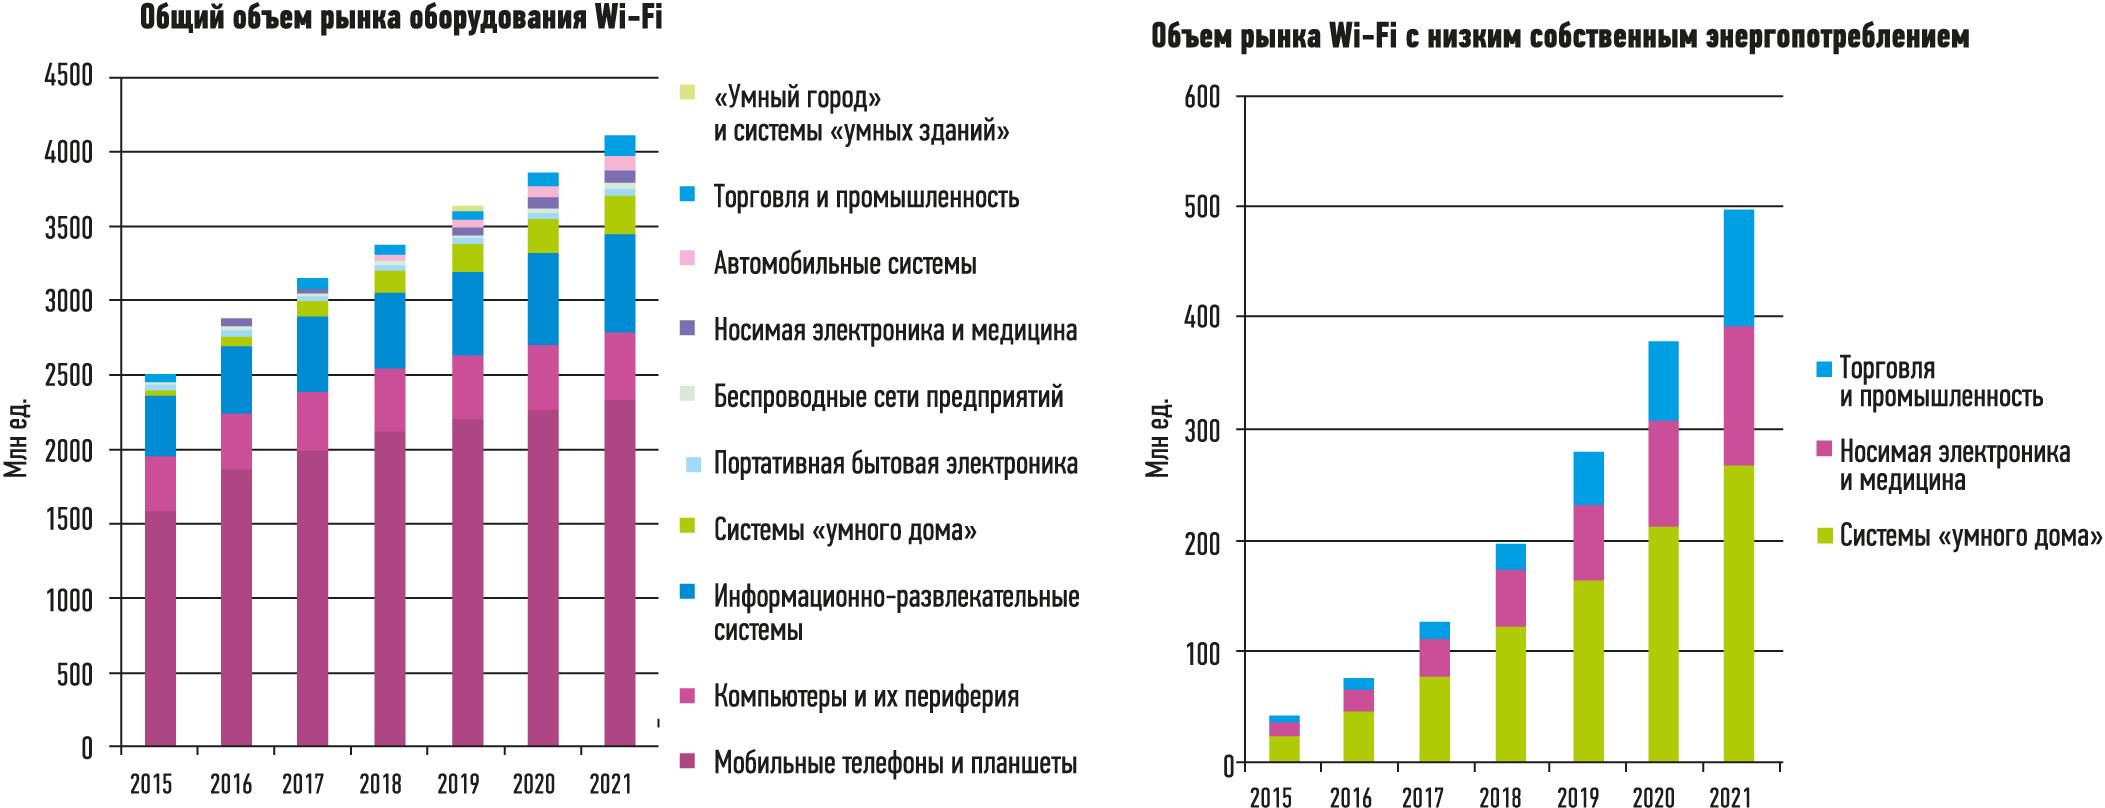 Прогноз развития рынка оборудования с использованием технологии Wi-Fi